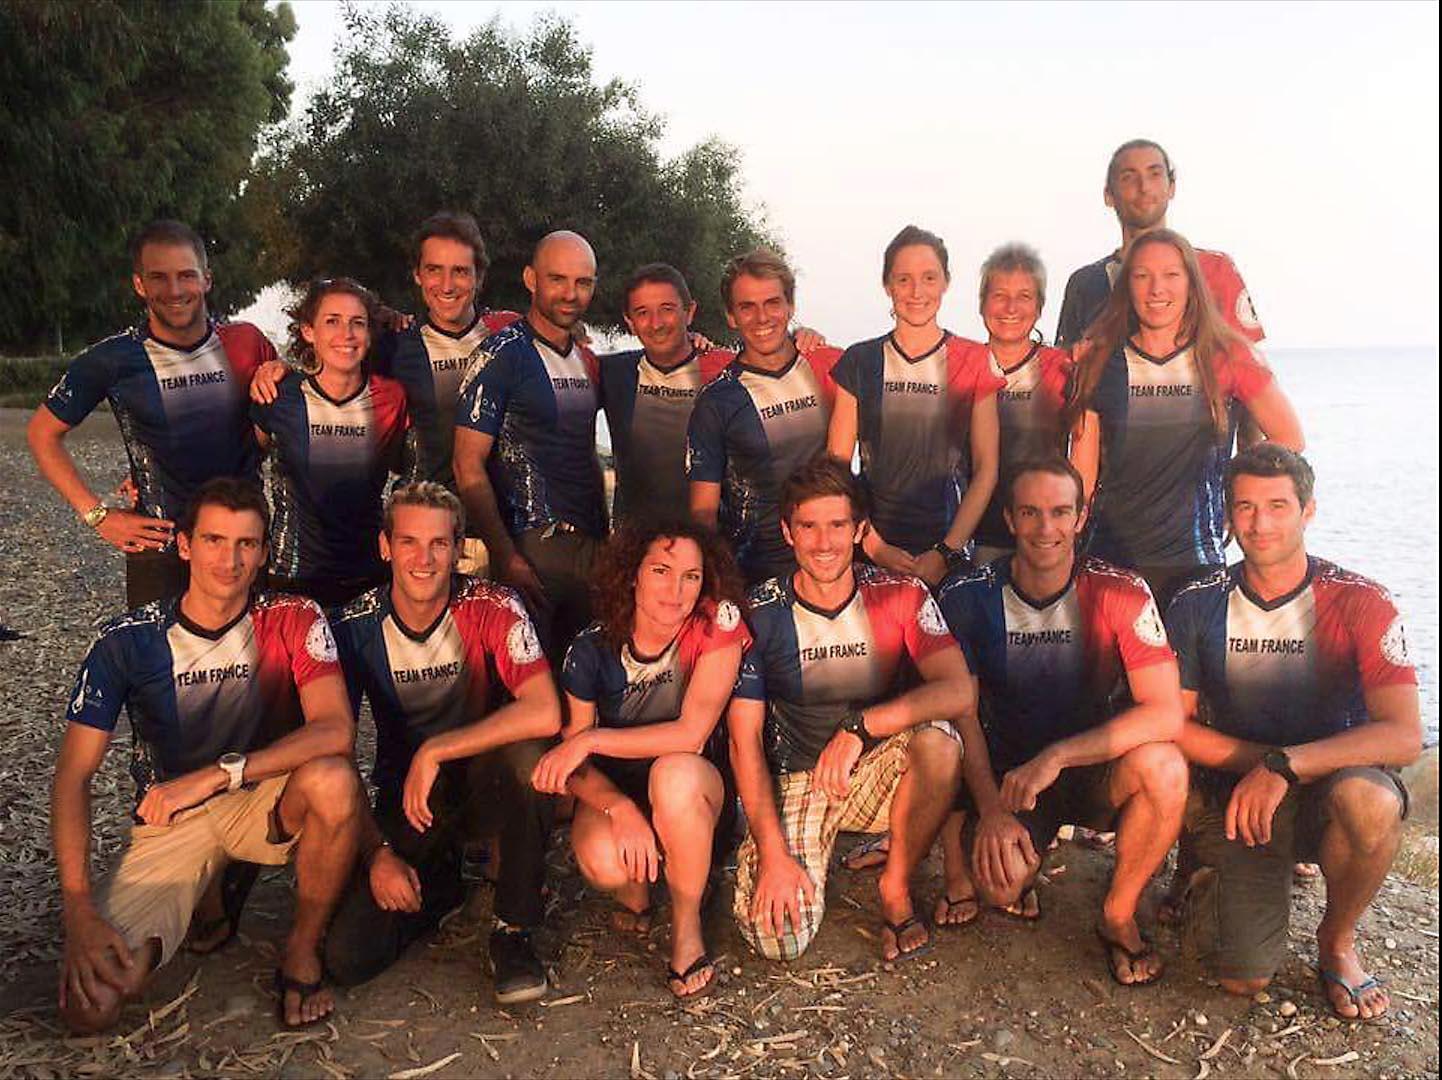 Team France Apnée 2015